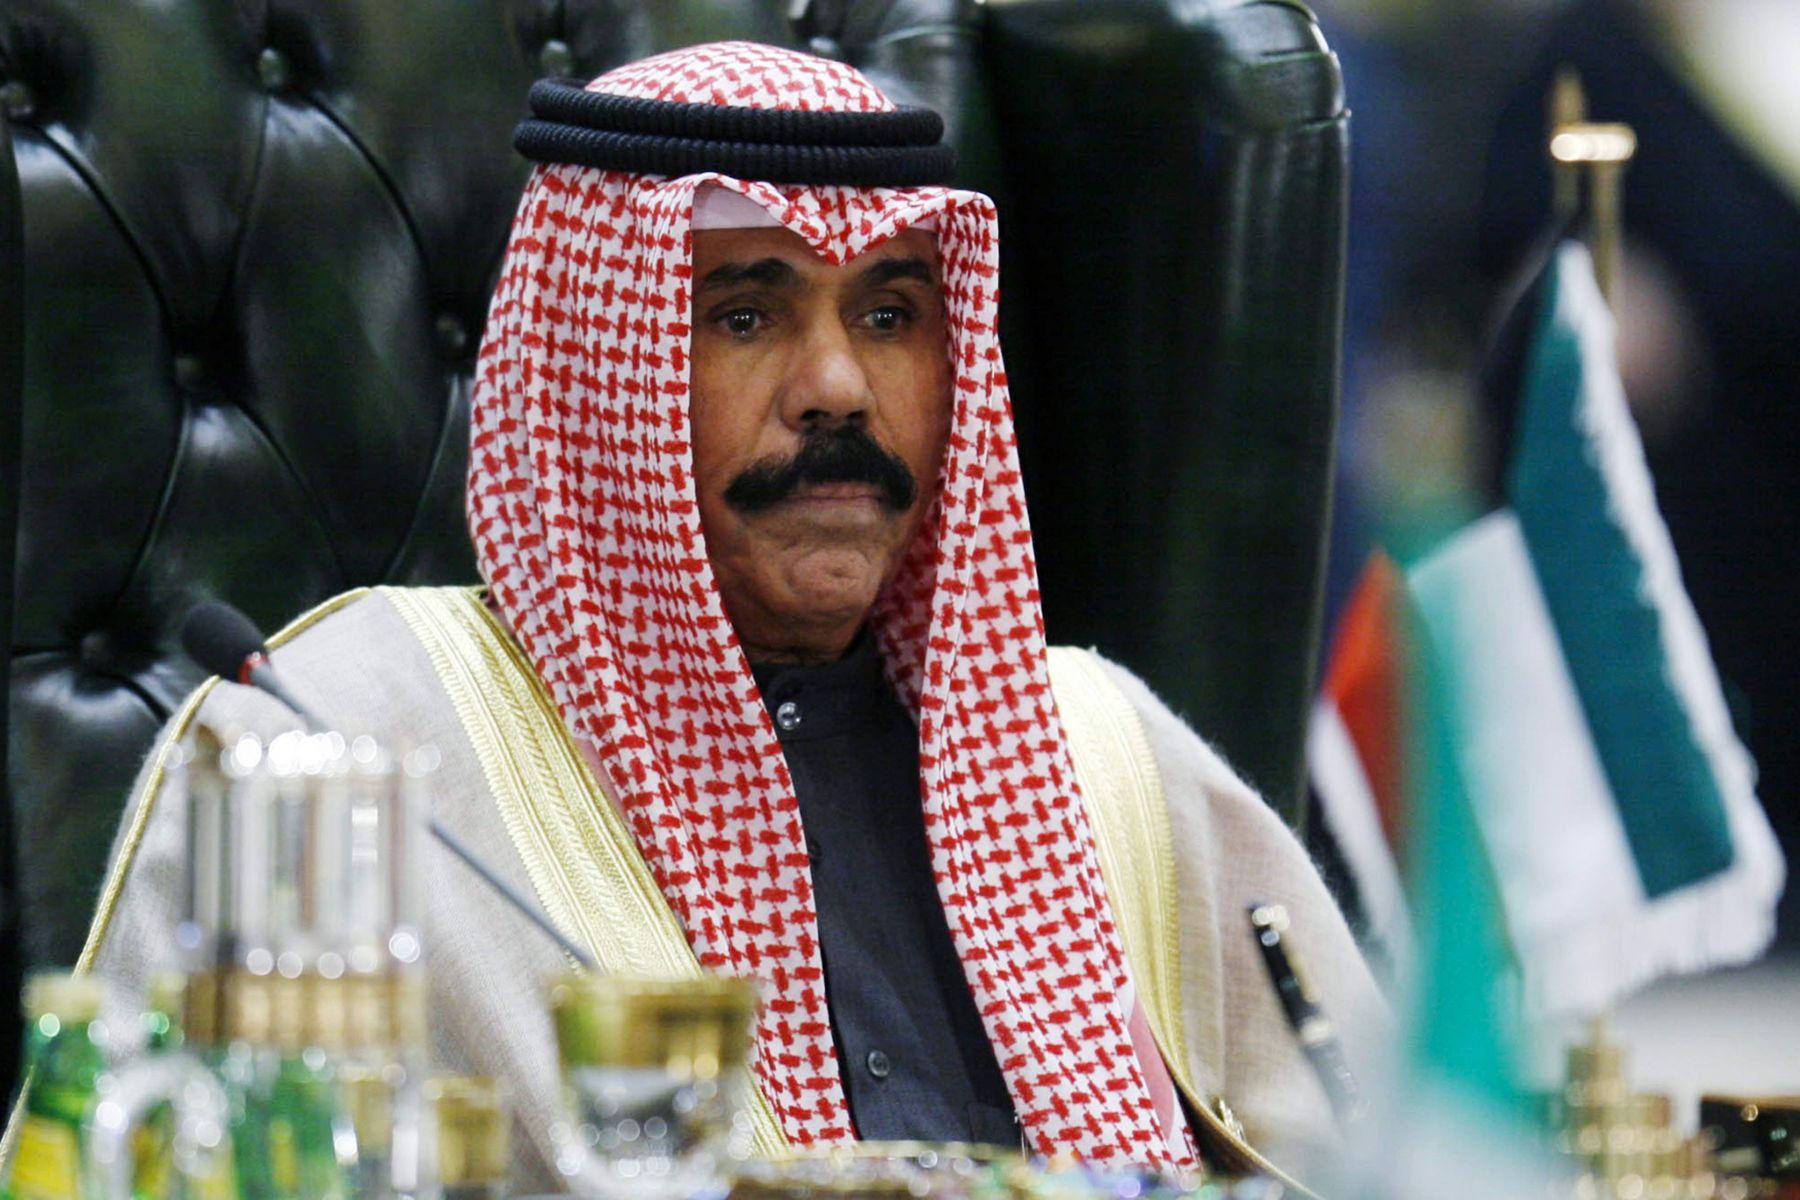 AFP/Yasser Al-Zayyat